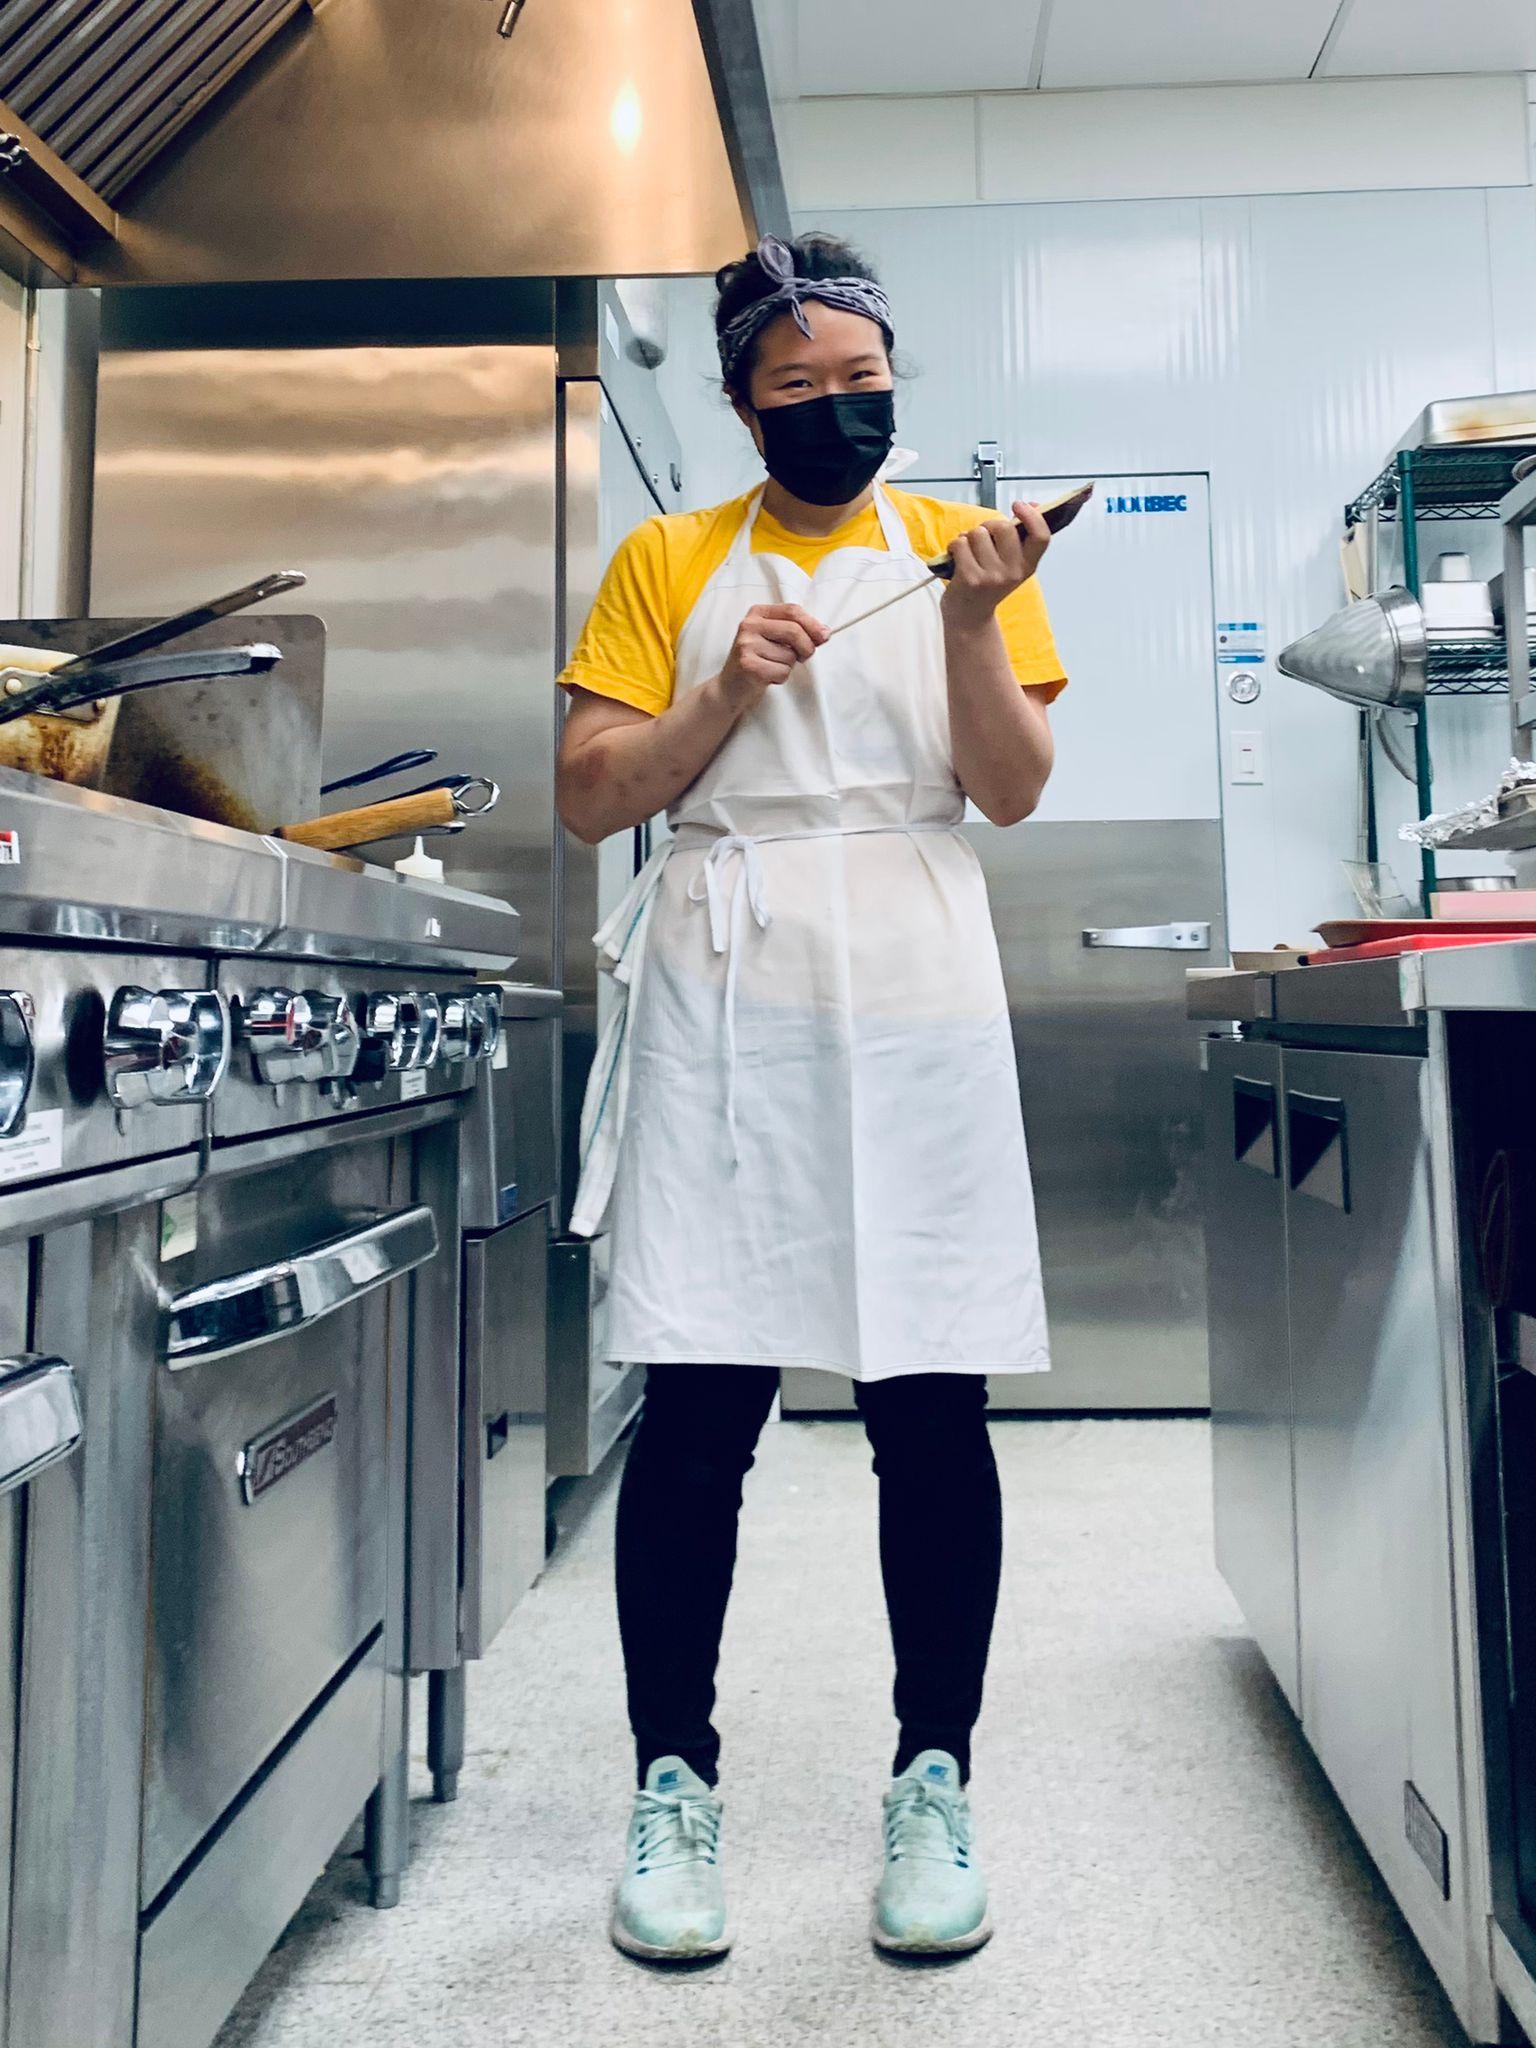 women in kitchen wear an apron